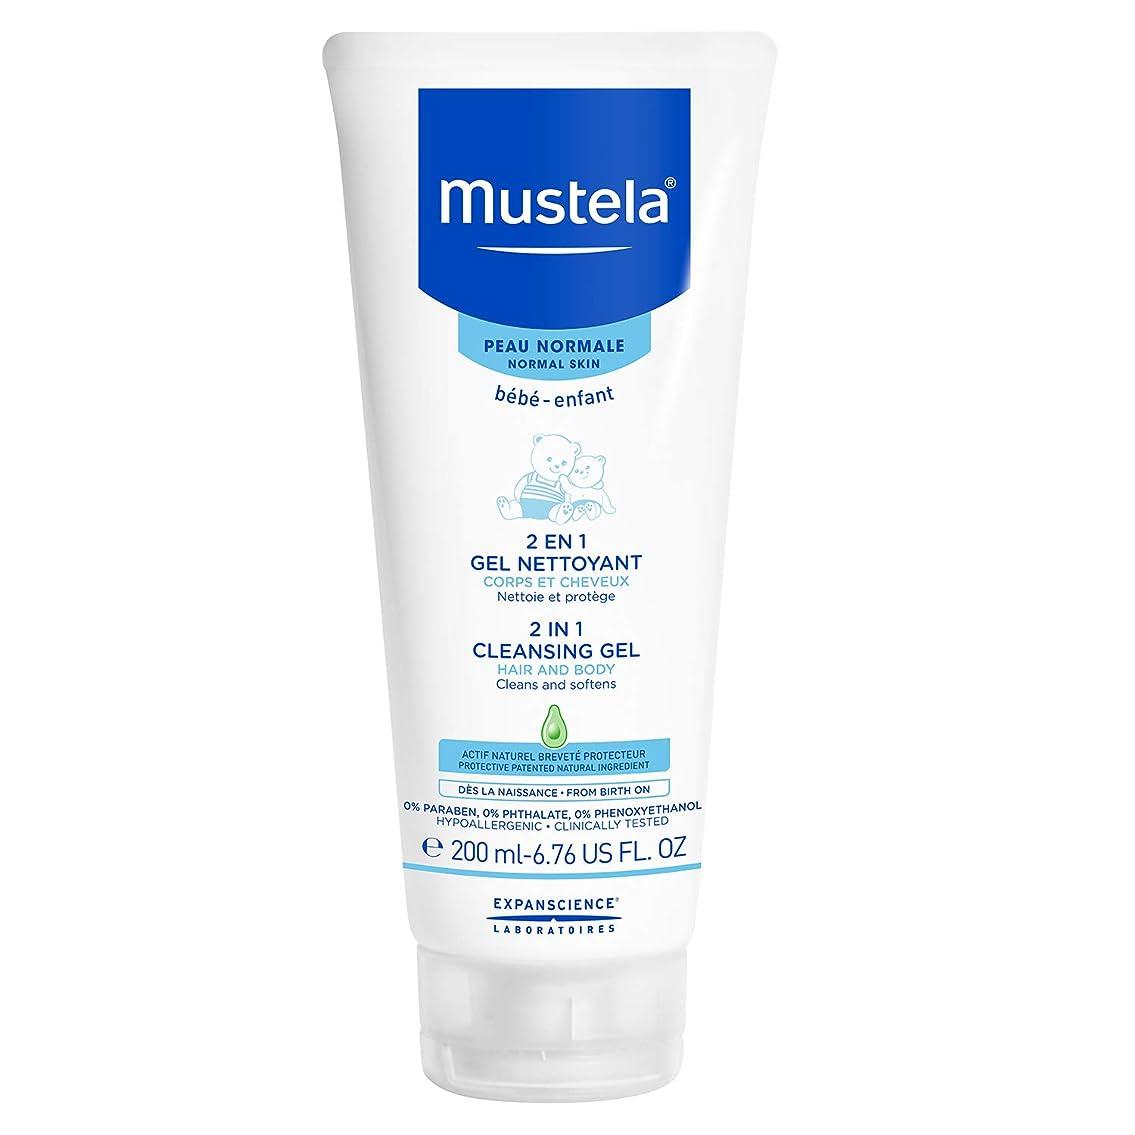 傷跡デコードするシェトランド諸島Mustela - 2 in 1 Cleansing Gel (6.76 oz.)